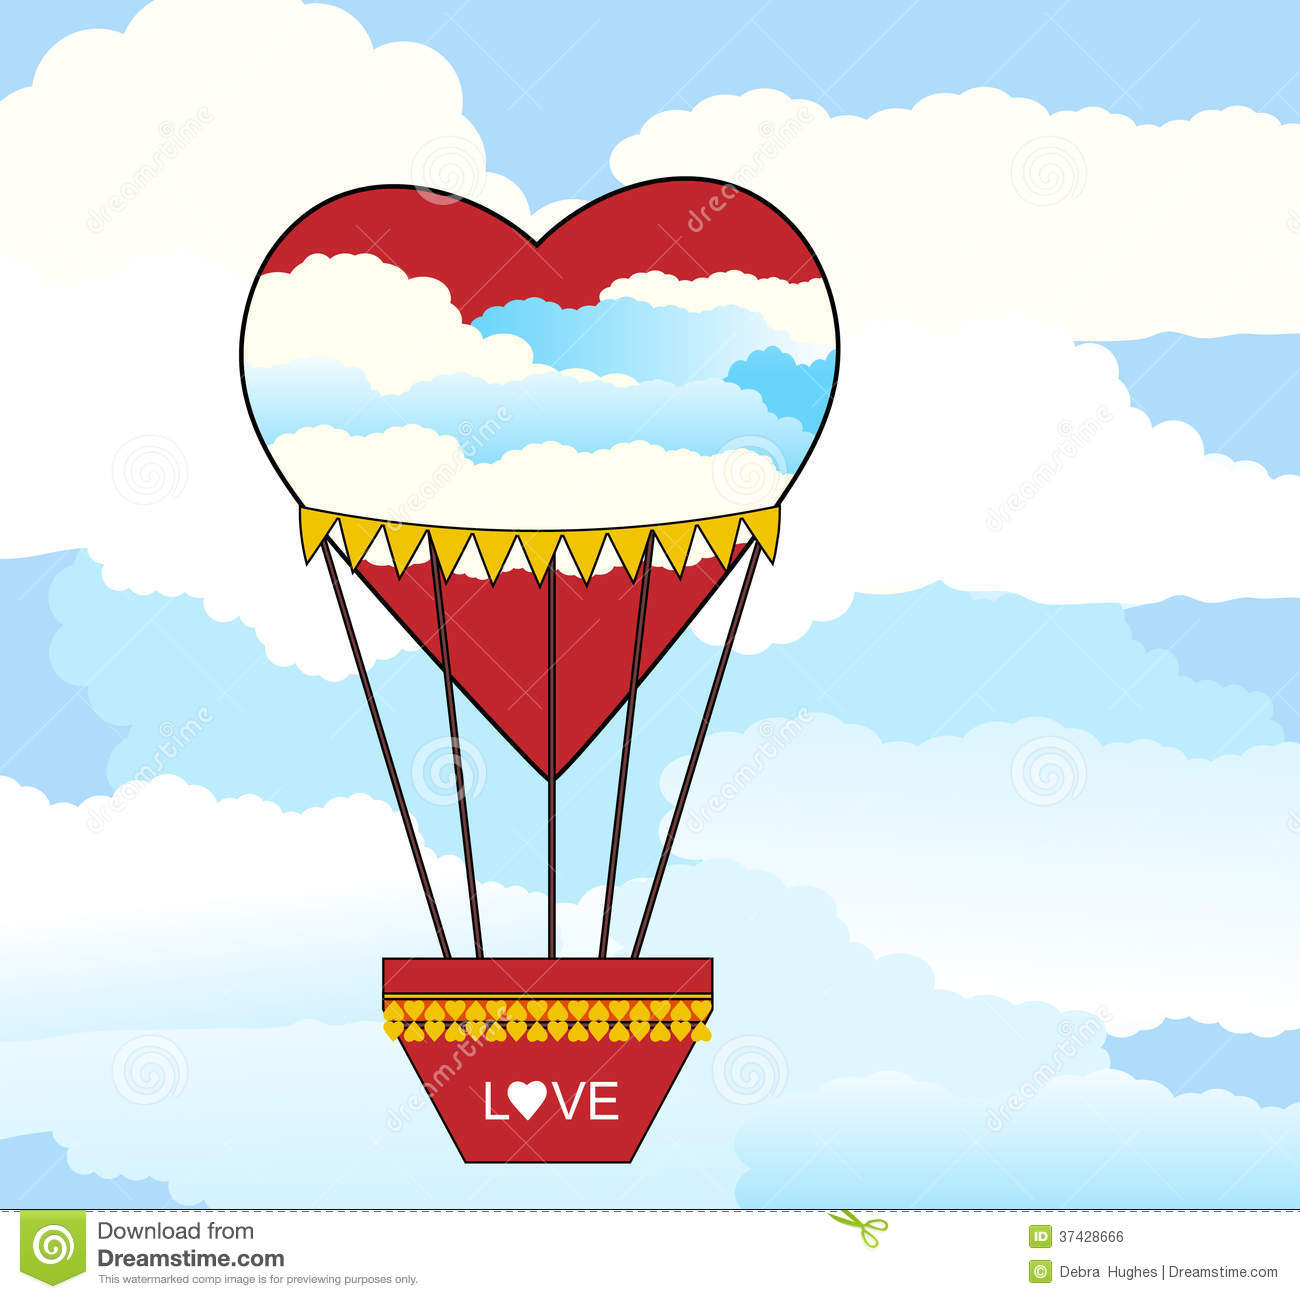 Heart clipart hot air balloon Hot%20air%20balloons%20in%20the%20clouds Hot Air Clipart Panda